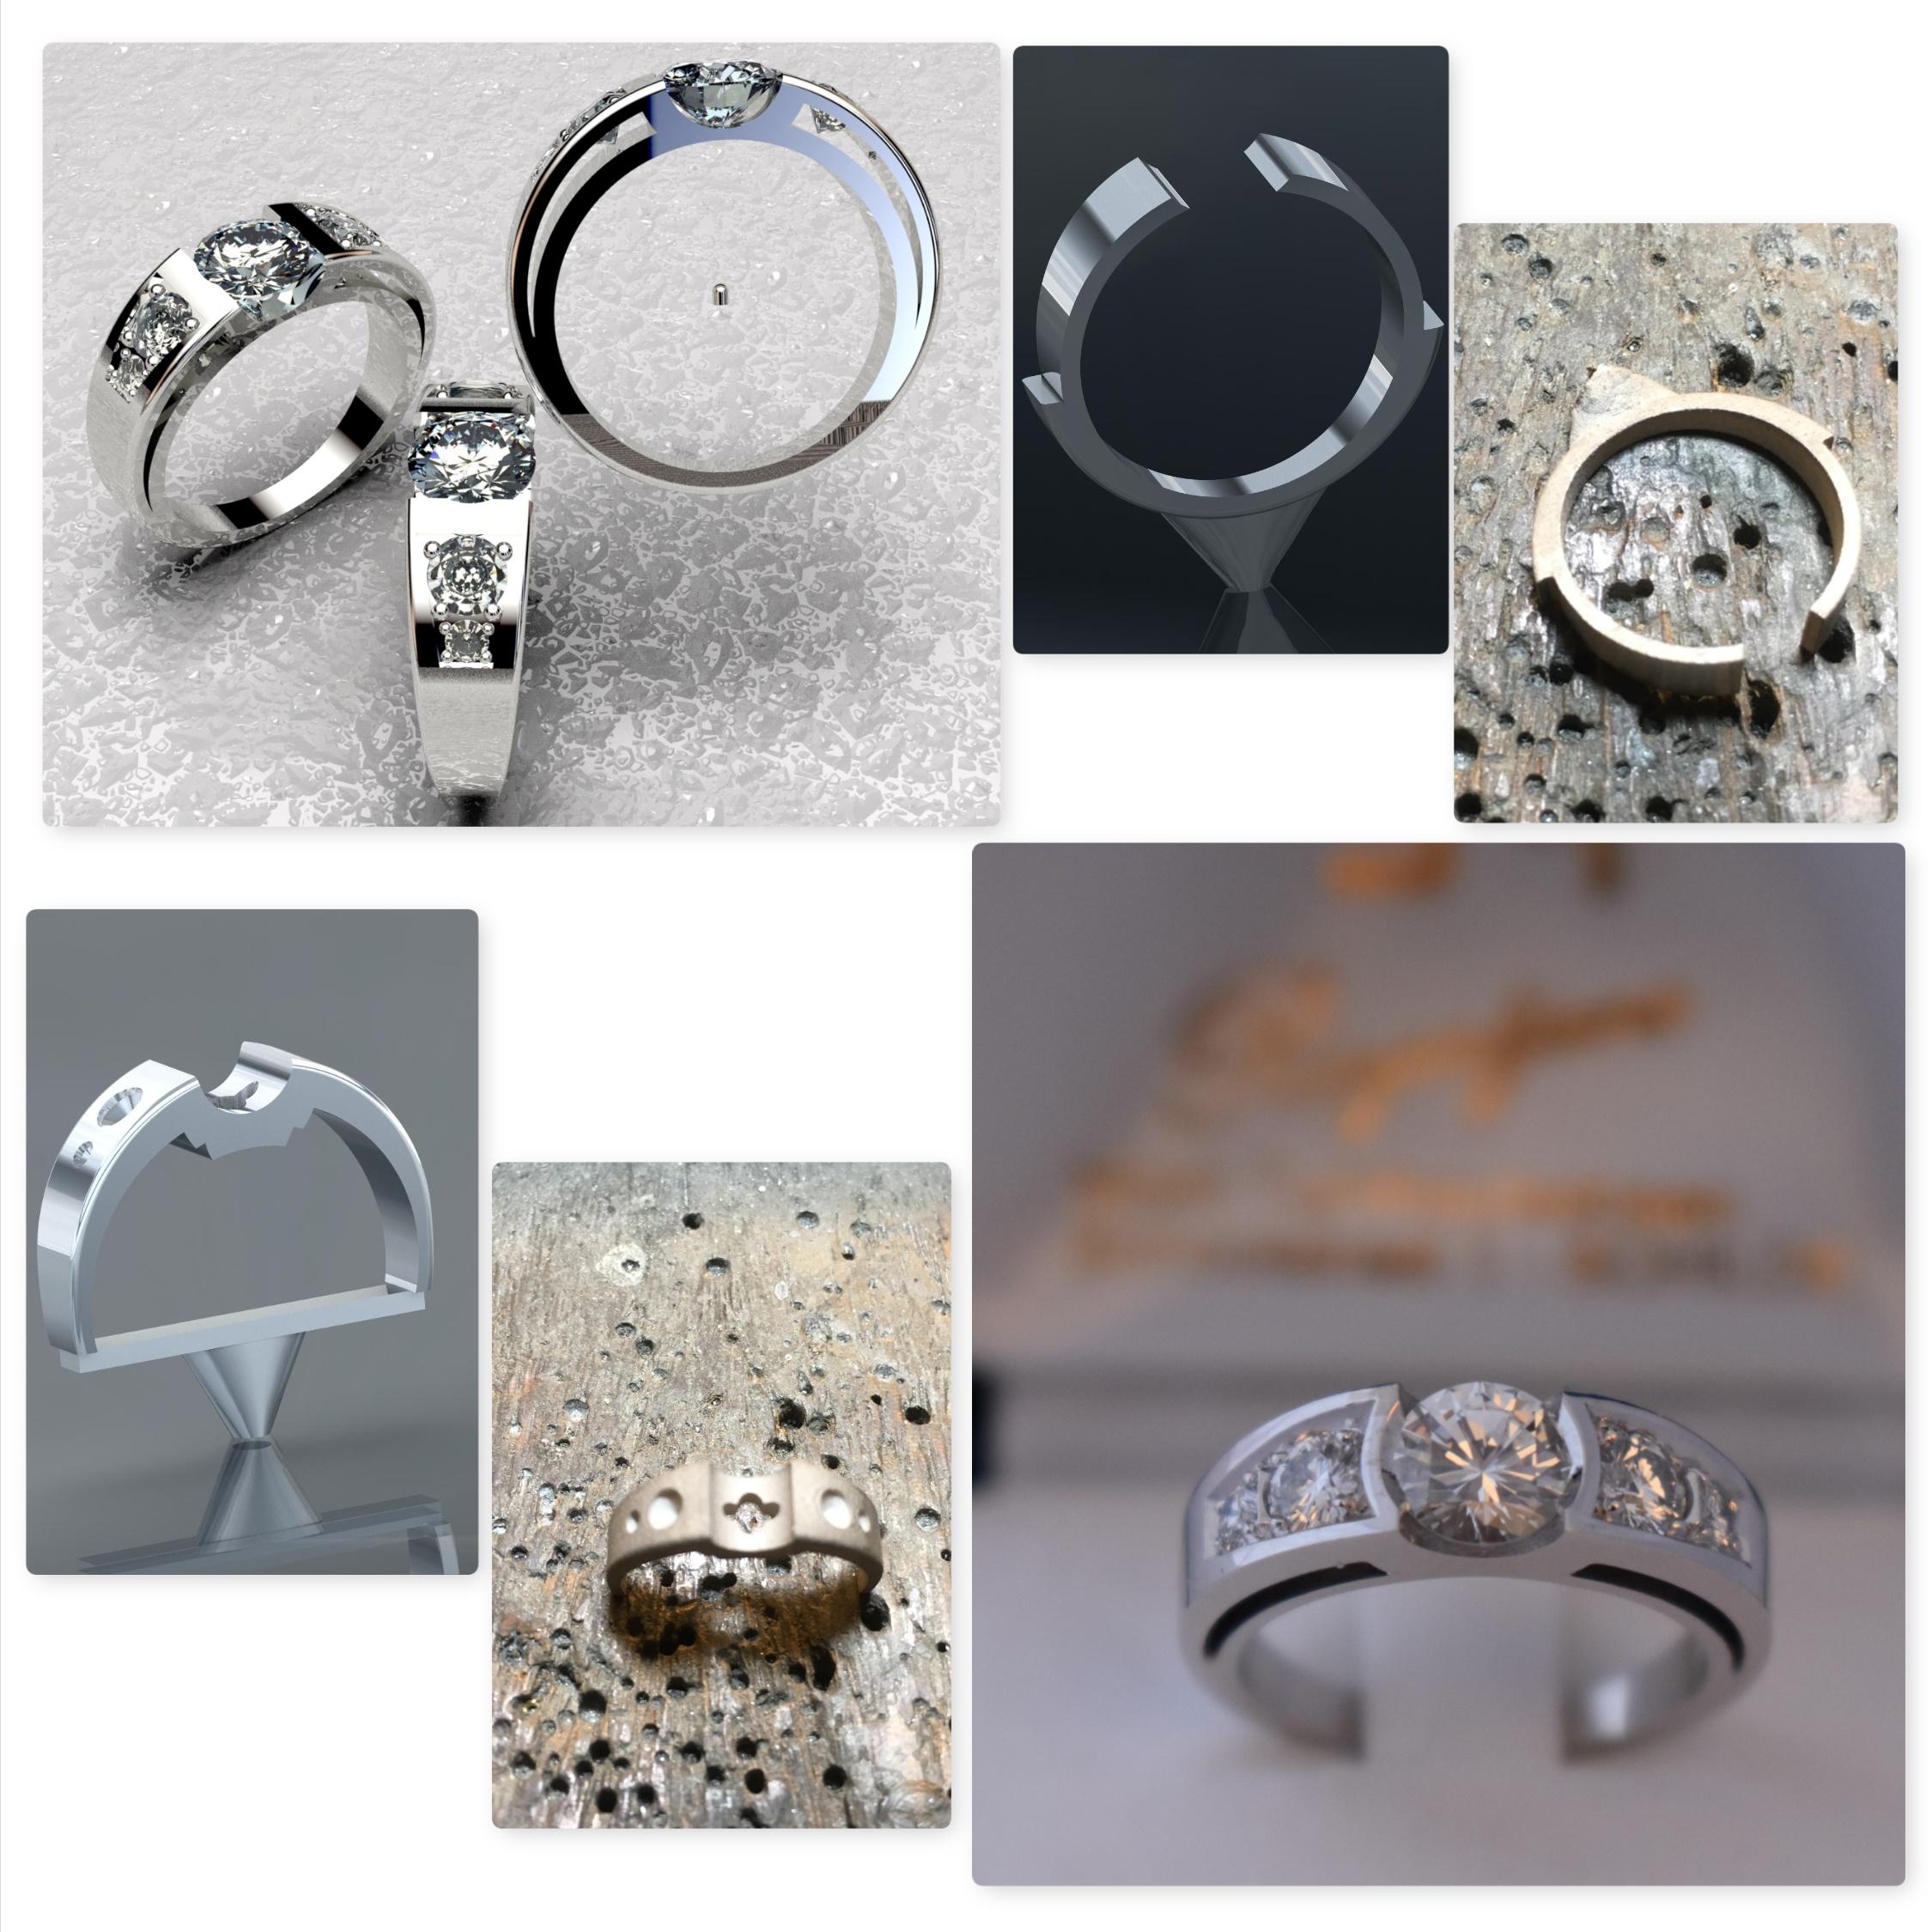 Ringen, ring, Trouwringen, verlovingsring, ring, goud, zilver, parel, geel, wit, platina, diamant, briljant, zirconium, 18 karaat, 14 karaat, 9 karaat, kleurstenen, saffier, groen, blauw, rood, bozarts, place, vendome, duo trouwringen, dora trouwringen, emotions, transformaties, eigen creaties, ontwerpen, goudsmid, edelsmeden, emmilou, innocence, parels, tahiti parels, blauw, rood, saffier, 3D, design, huwelijk, oorbellen Bril, Kinderbril, herenbril, damensbril, zonnebril, glazen, aktie, promo, optiek, opticien, brillenwinkel, brillen, ontspiegeling, oogarts, contactlenzen, produkten, herstellingen, reparatie, werken, hoya, rodenstock, zeiss, opteik, zenka, frederique beausoleil, fb, marccain, superdry, koali, oga, ray ban, lightec, titanflex, eschenbach, verrekijkers, loupen, serengetti, zonnebrillen, lenzen, acuvue, air optix, focus dailies, bausch en lomb, liebeskind, guy laroche, ines de la fresagne, Uurwerken, Horloge, uurwerk, kinderuurwerk, klok, kwaliteit, zwitsers, festina, rodania, pontiac, philip watch, certina, alfex, sector, batterij, automatique, automaat, quartz, lederen band, metalen band, milanese band, zakuurwerk, polshorloge, pillen, festina, certina, pontiac, rodania, philip watch, sector, alfex, ikon, ice watch, maserati, naiomy, naiomy pricess, naiomy moments, naiomy gold, roca, cara, ketting, schapulier, horoscoop, zrc, lotus, lotus juwelen, damens, heren, kinderen, Schilde, reyntjens, kopen, tweedehands, zien, zoek, koop, passen, schoolstraat, wijnegem, deurne, wommelgem, oelegem, winkel, winkels, uurwerk kopen in schilde, bril kopen in schilde, reyntjens, Reyntjens-dom, Reyntjens_dom@skynet.be,